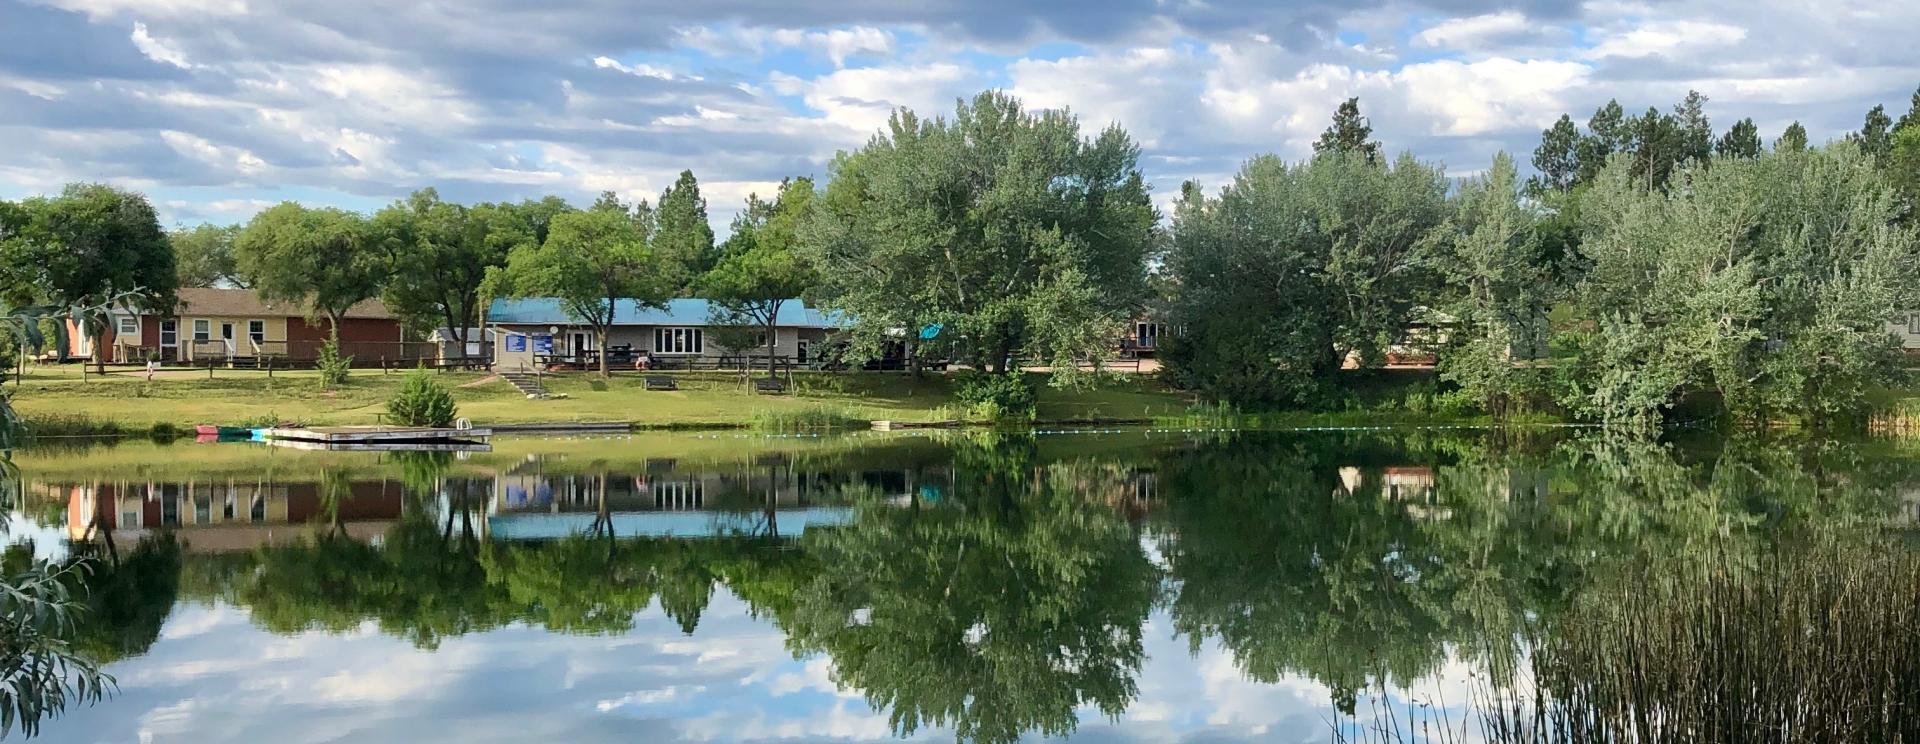 Hidden Lake Campground & Resort